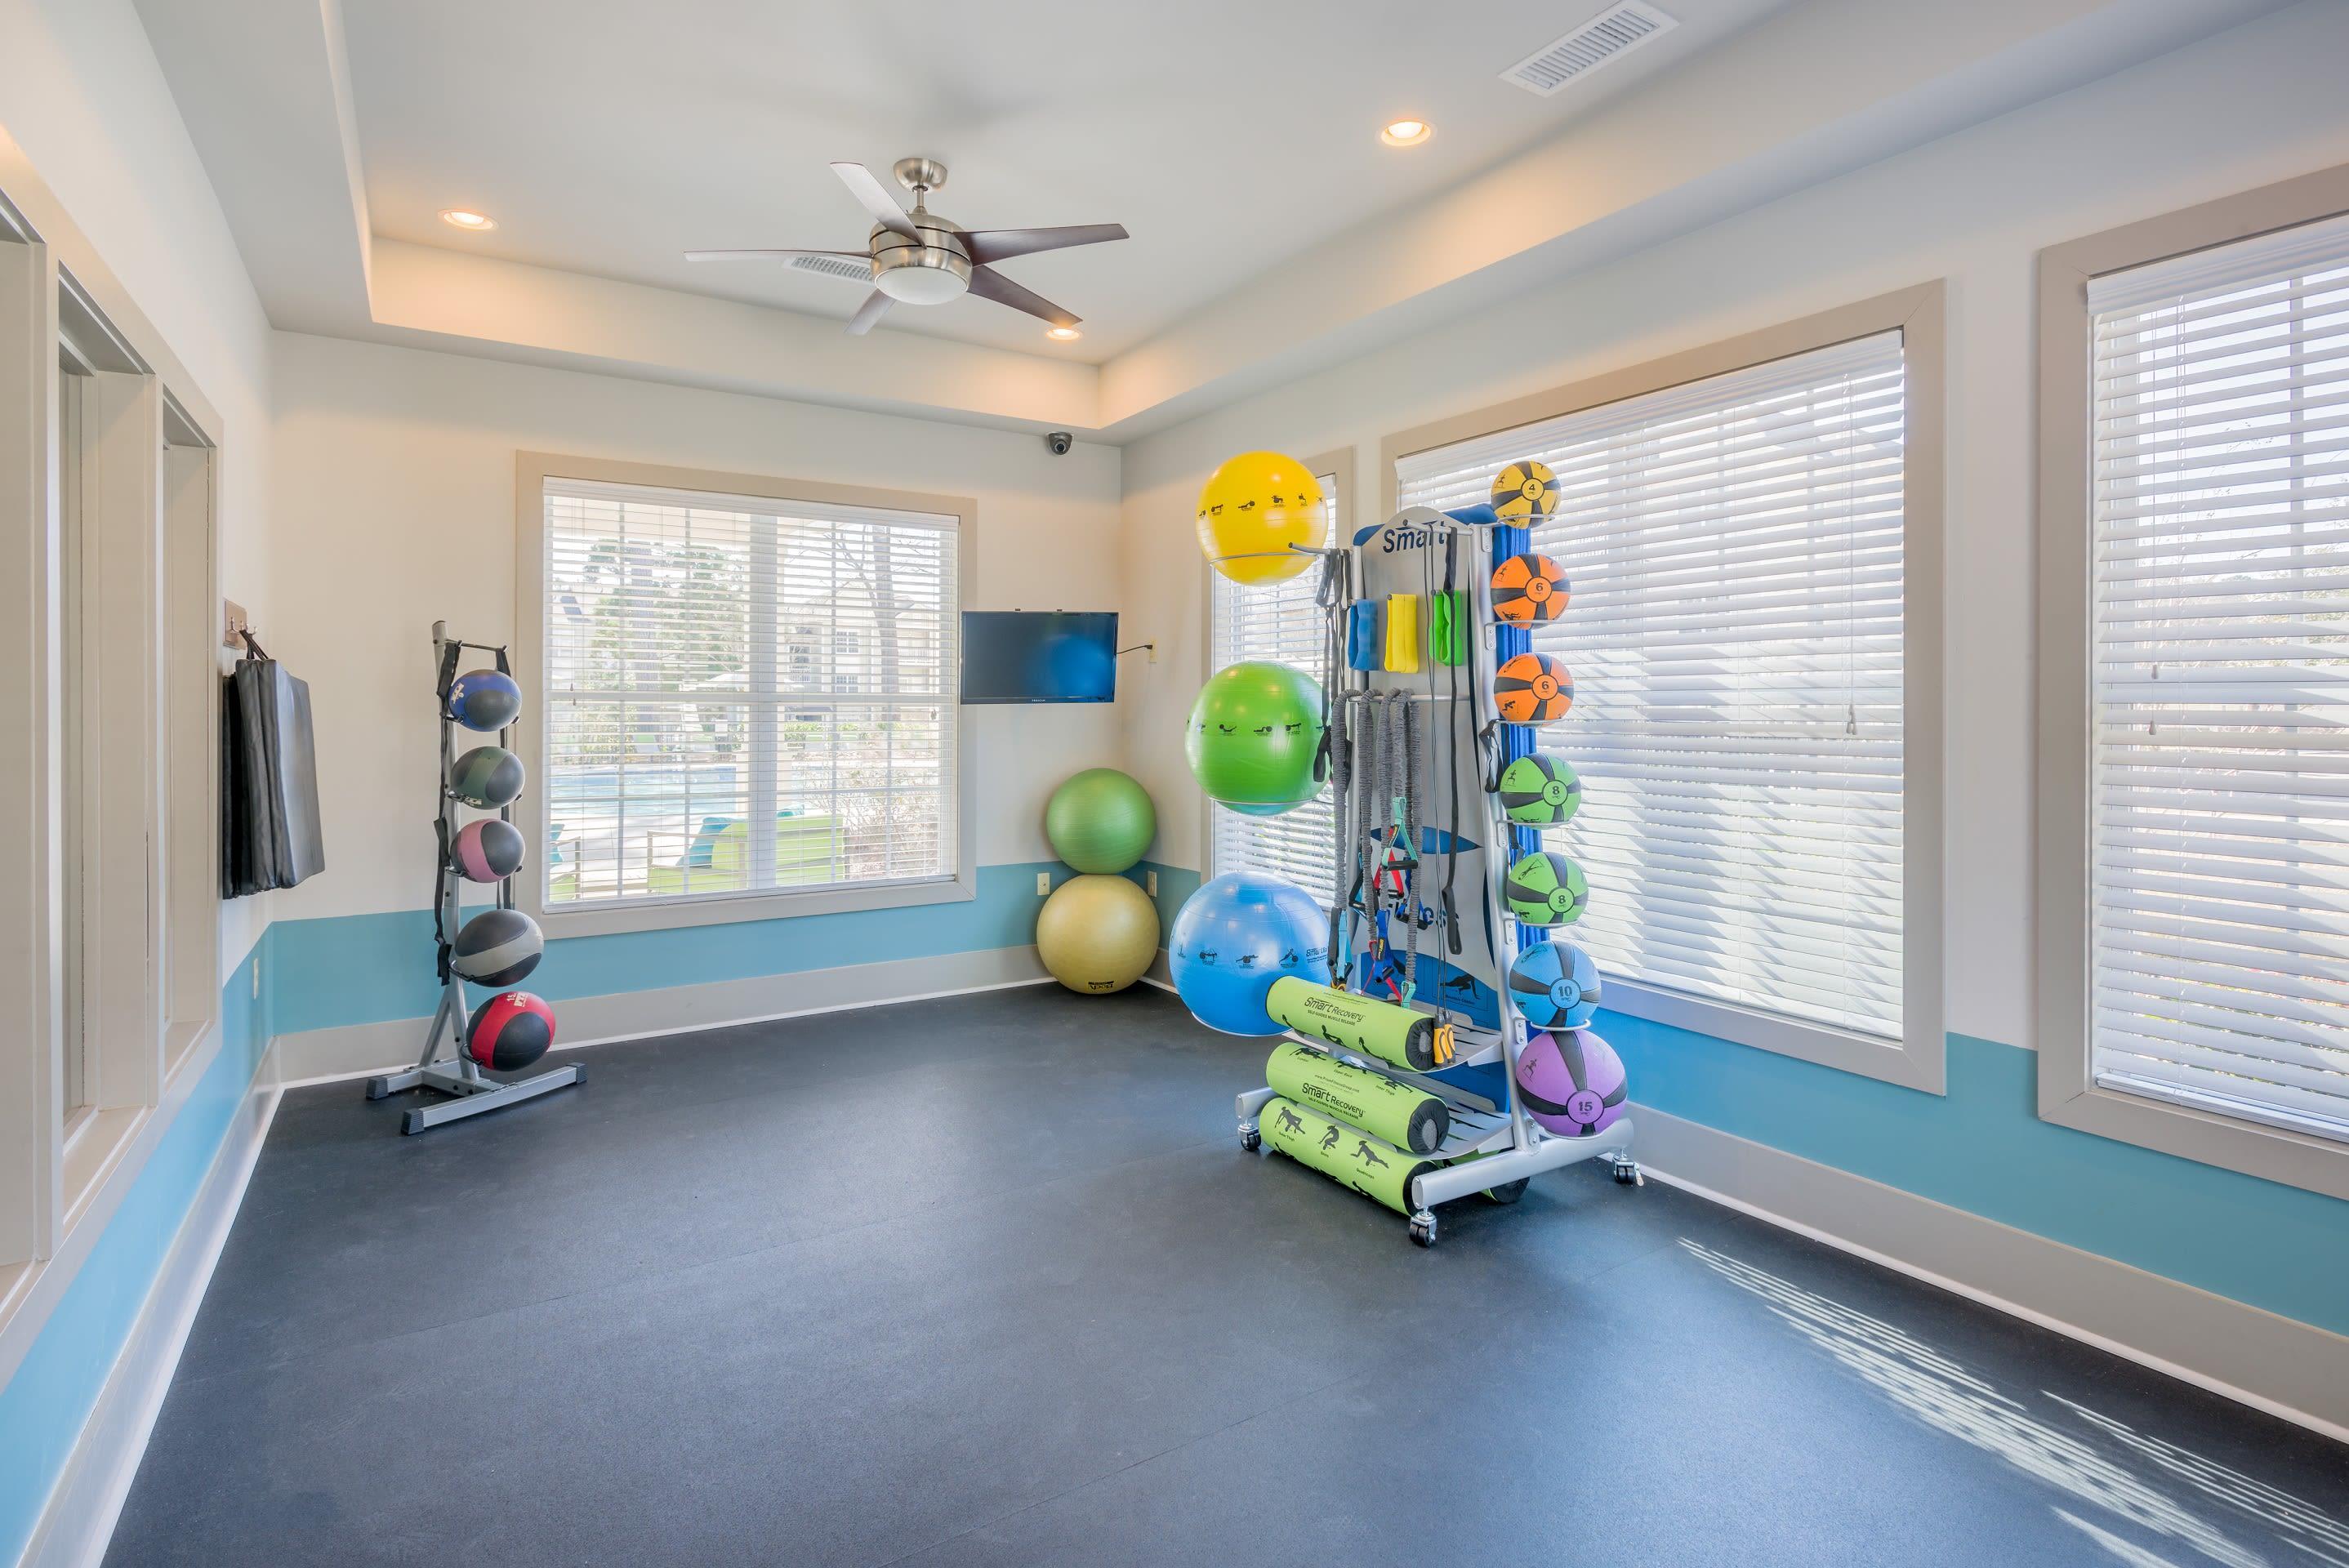 Fitness center at Arbor Village in Summerville, South Carolina